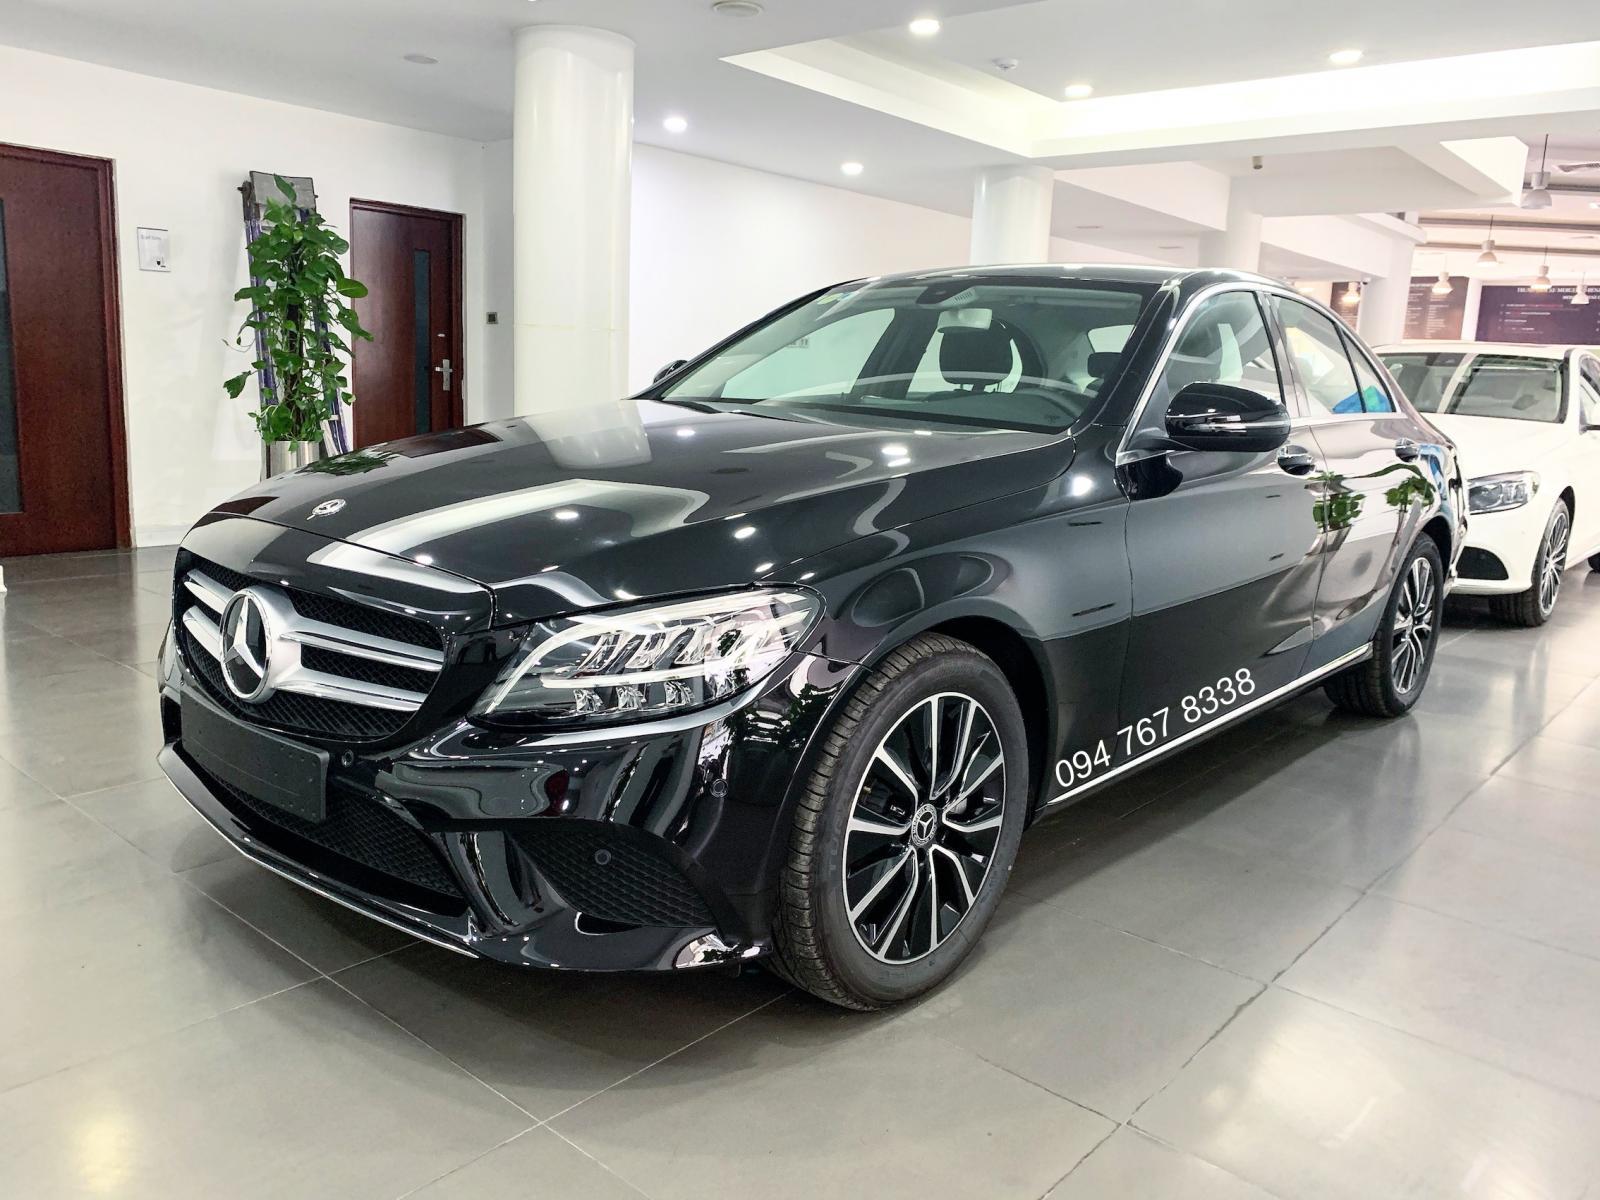 Bán Mercedes C200 2019 màu đen - xe đã qua sử dụng chính hãng